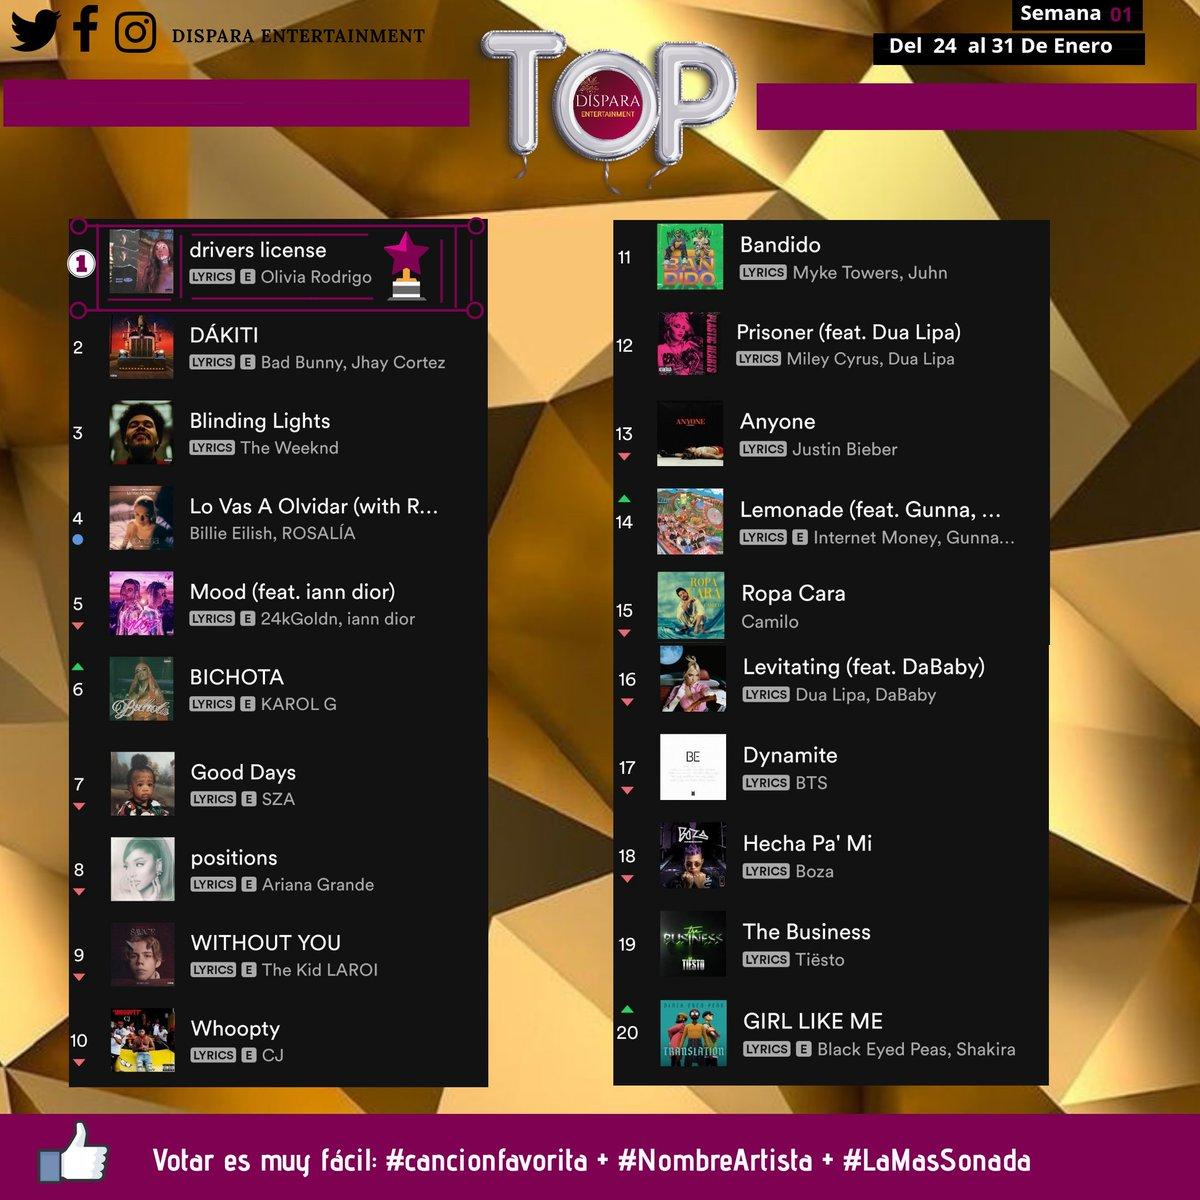 Ya esta aquí el Top Dispara!! Todos los domingos las 20 mejores canciones de la semana vota por tu favorita🎧🎵😱 #Theweeknd #billieeilish #badbunny #Arianagrande #karolg #bts #justinbieber #rosalia #tiesto #dualipa  #sza #camilo #shakira #blackeyedpeas #mileycyrus #24kgoldn